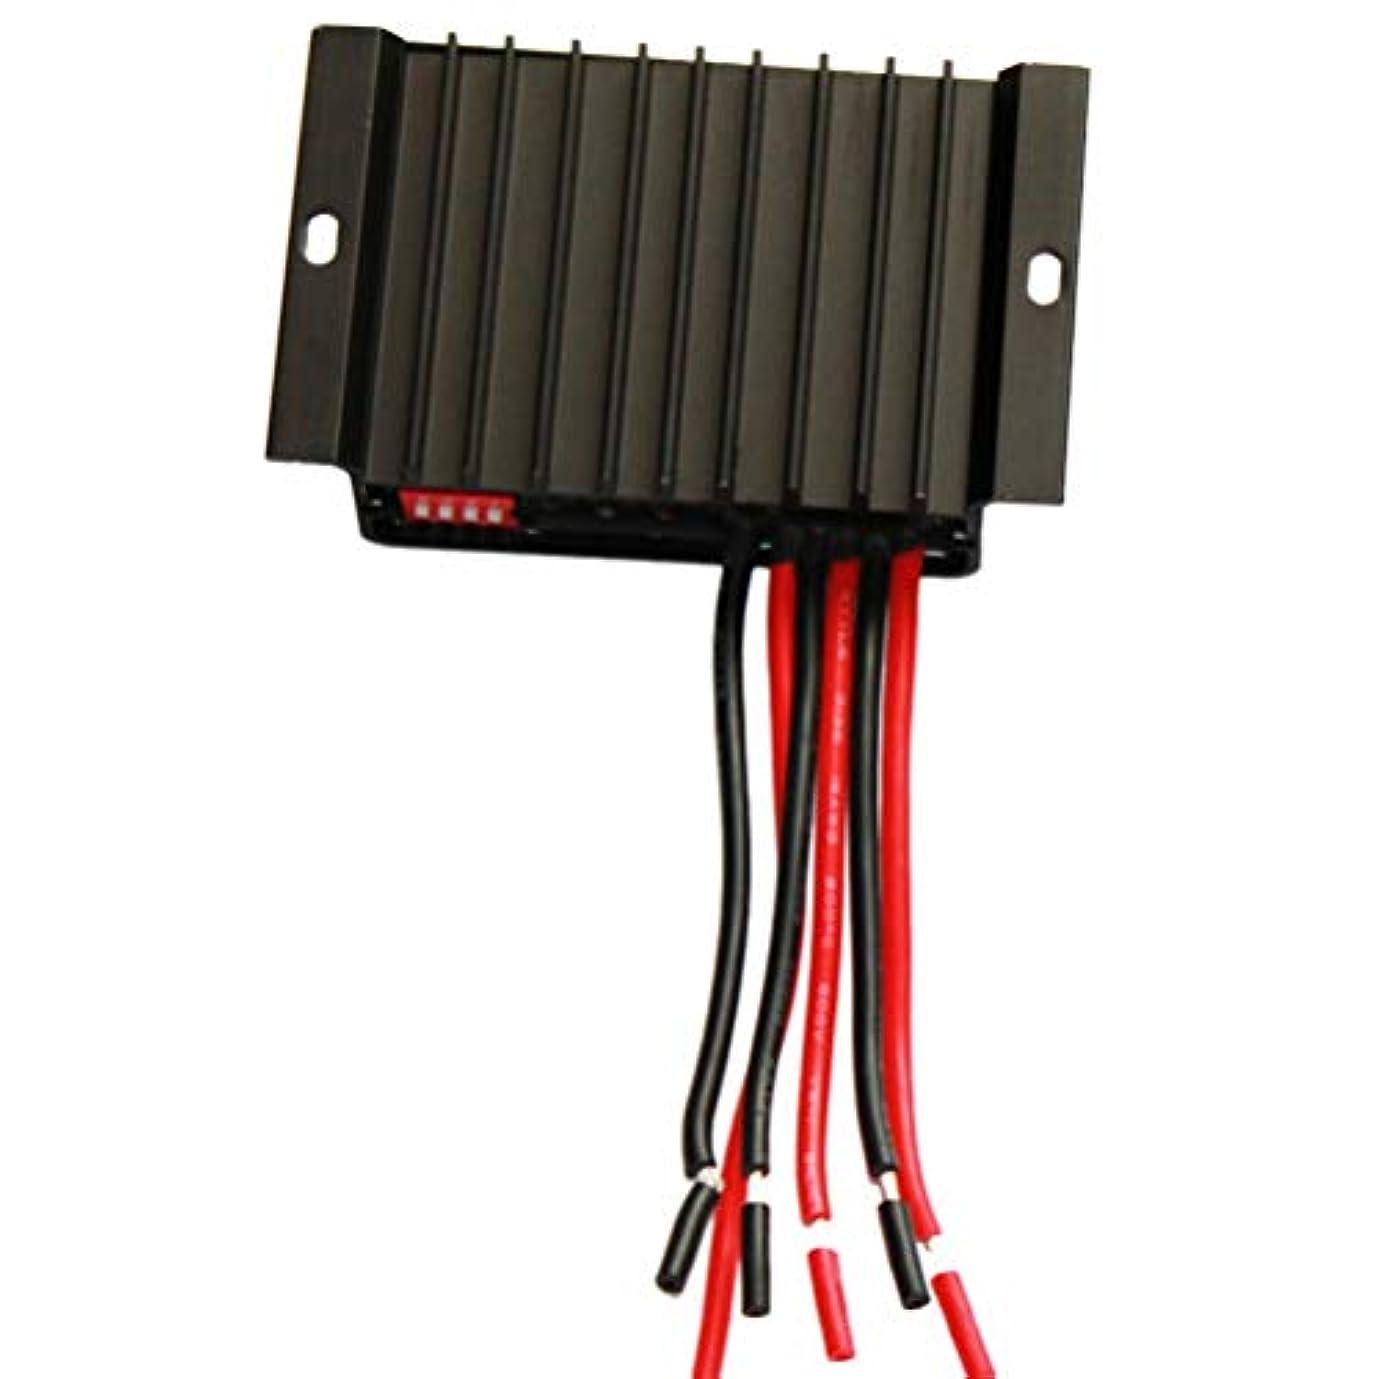 ダーベビルのテス棚に対してYardwe ソーラーパネル充電コントローラー10a 12V 24Vソーラー調整可能パラメーターインテリジェントバッテリーソーラーコントローラーレギュレーターpwm